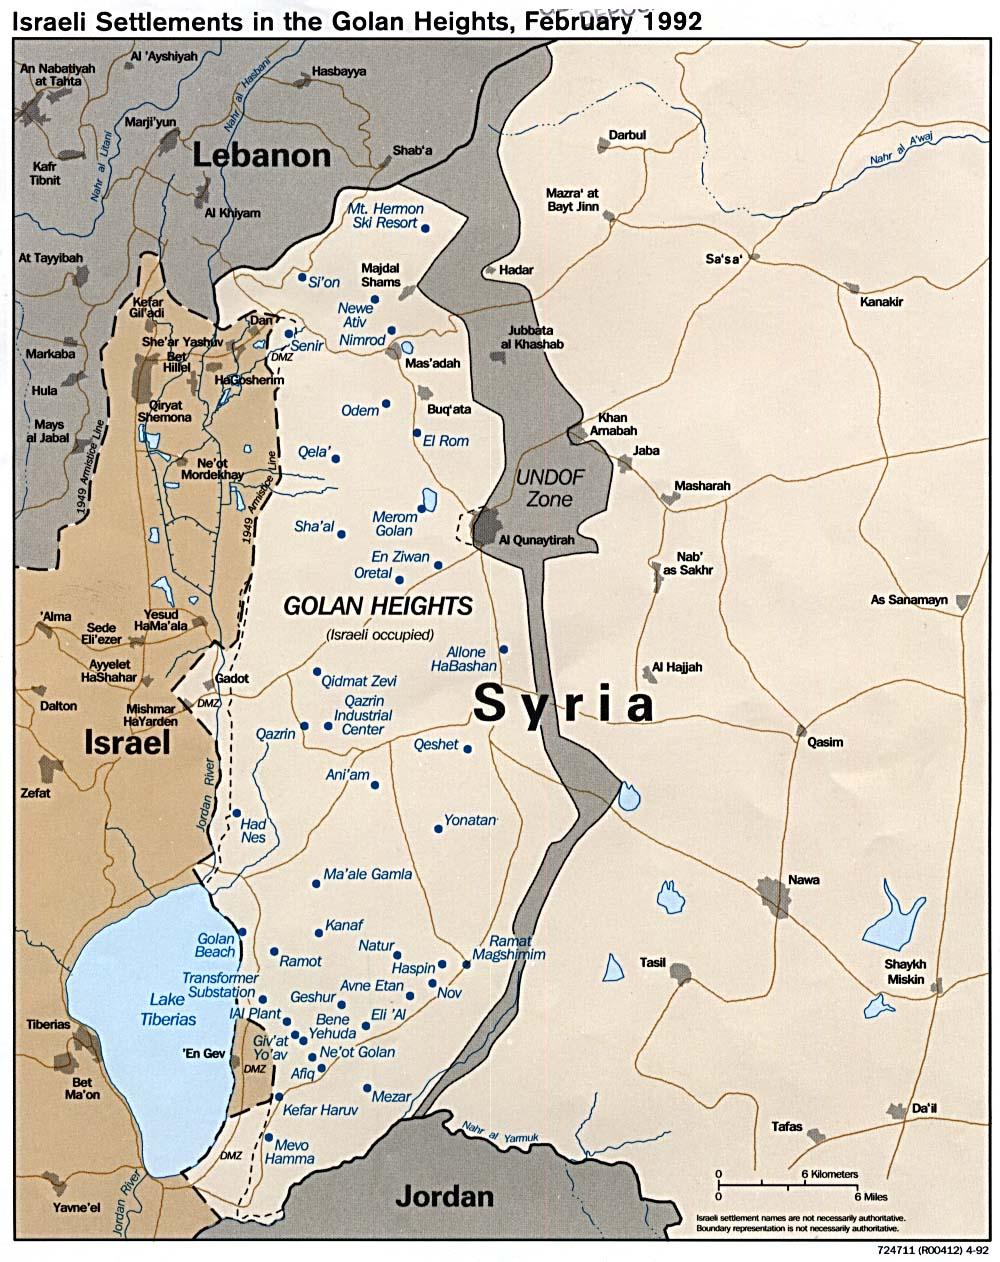 Mapa de los Asentamientos Israelíes en los Altos del Golán